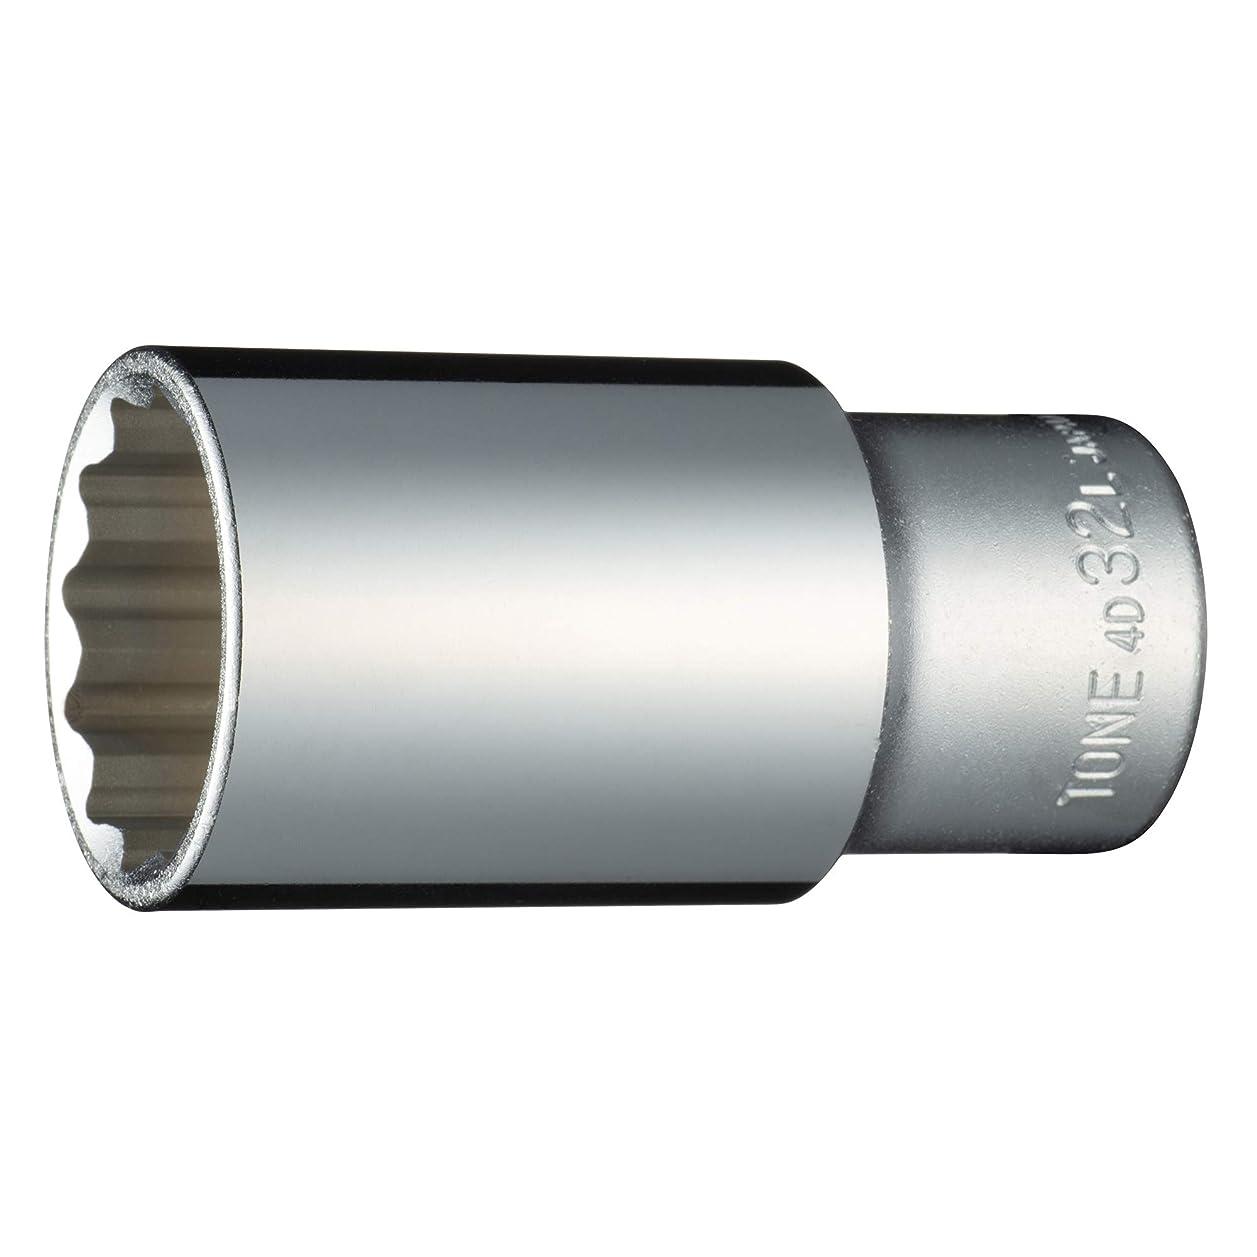 ジャーナリストフェンス書くトネ(TONE) ディープソケット(12角) 差込角12.7mm(1/2